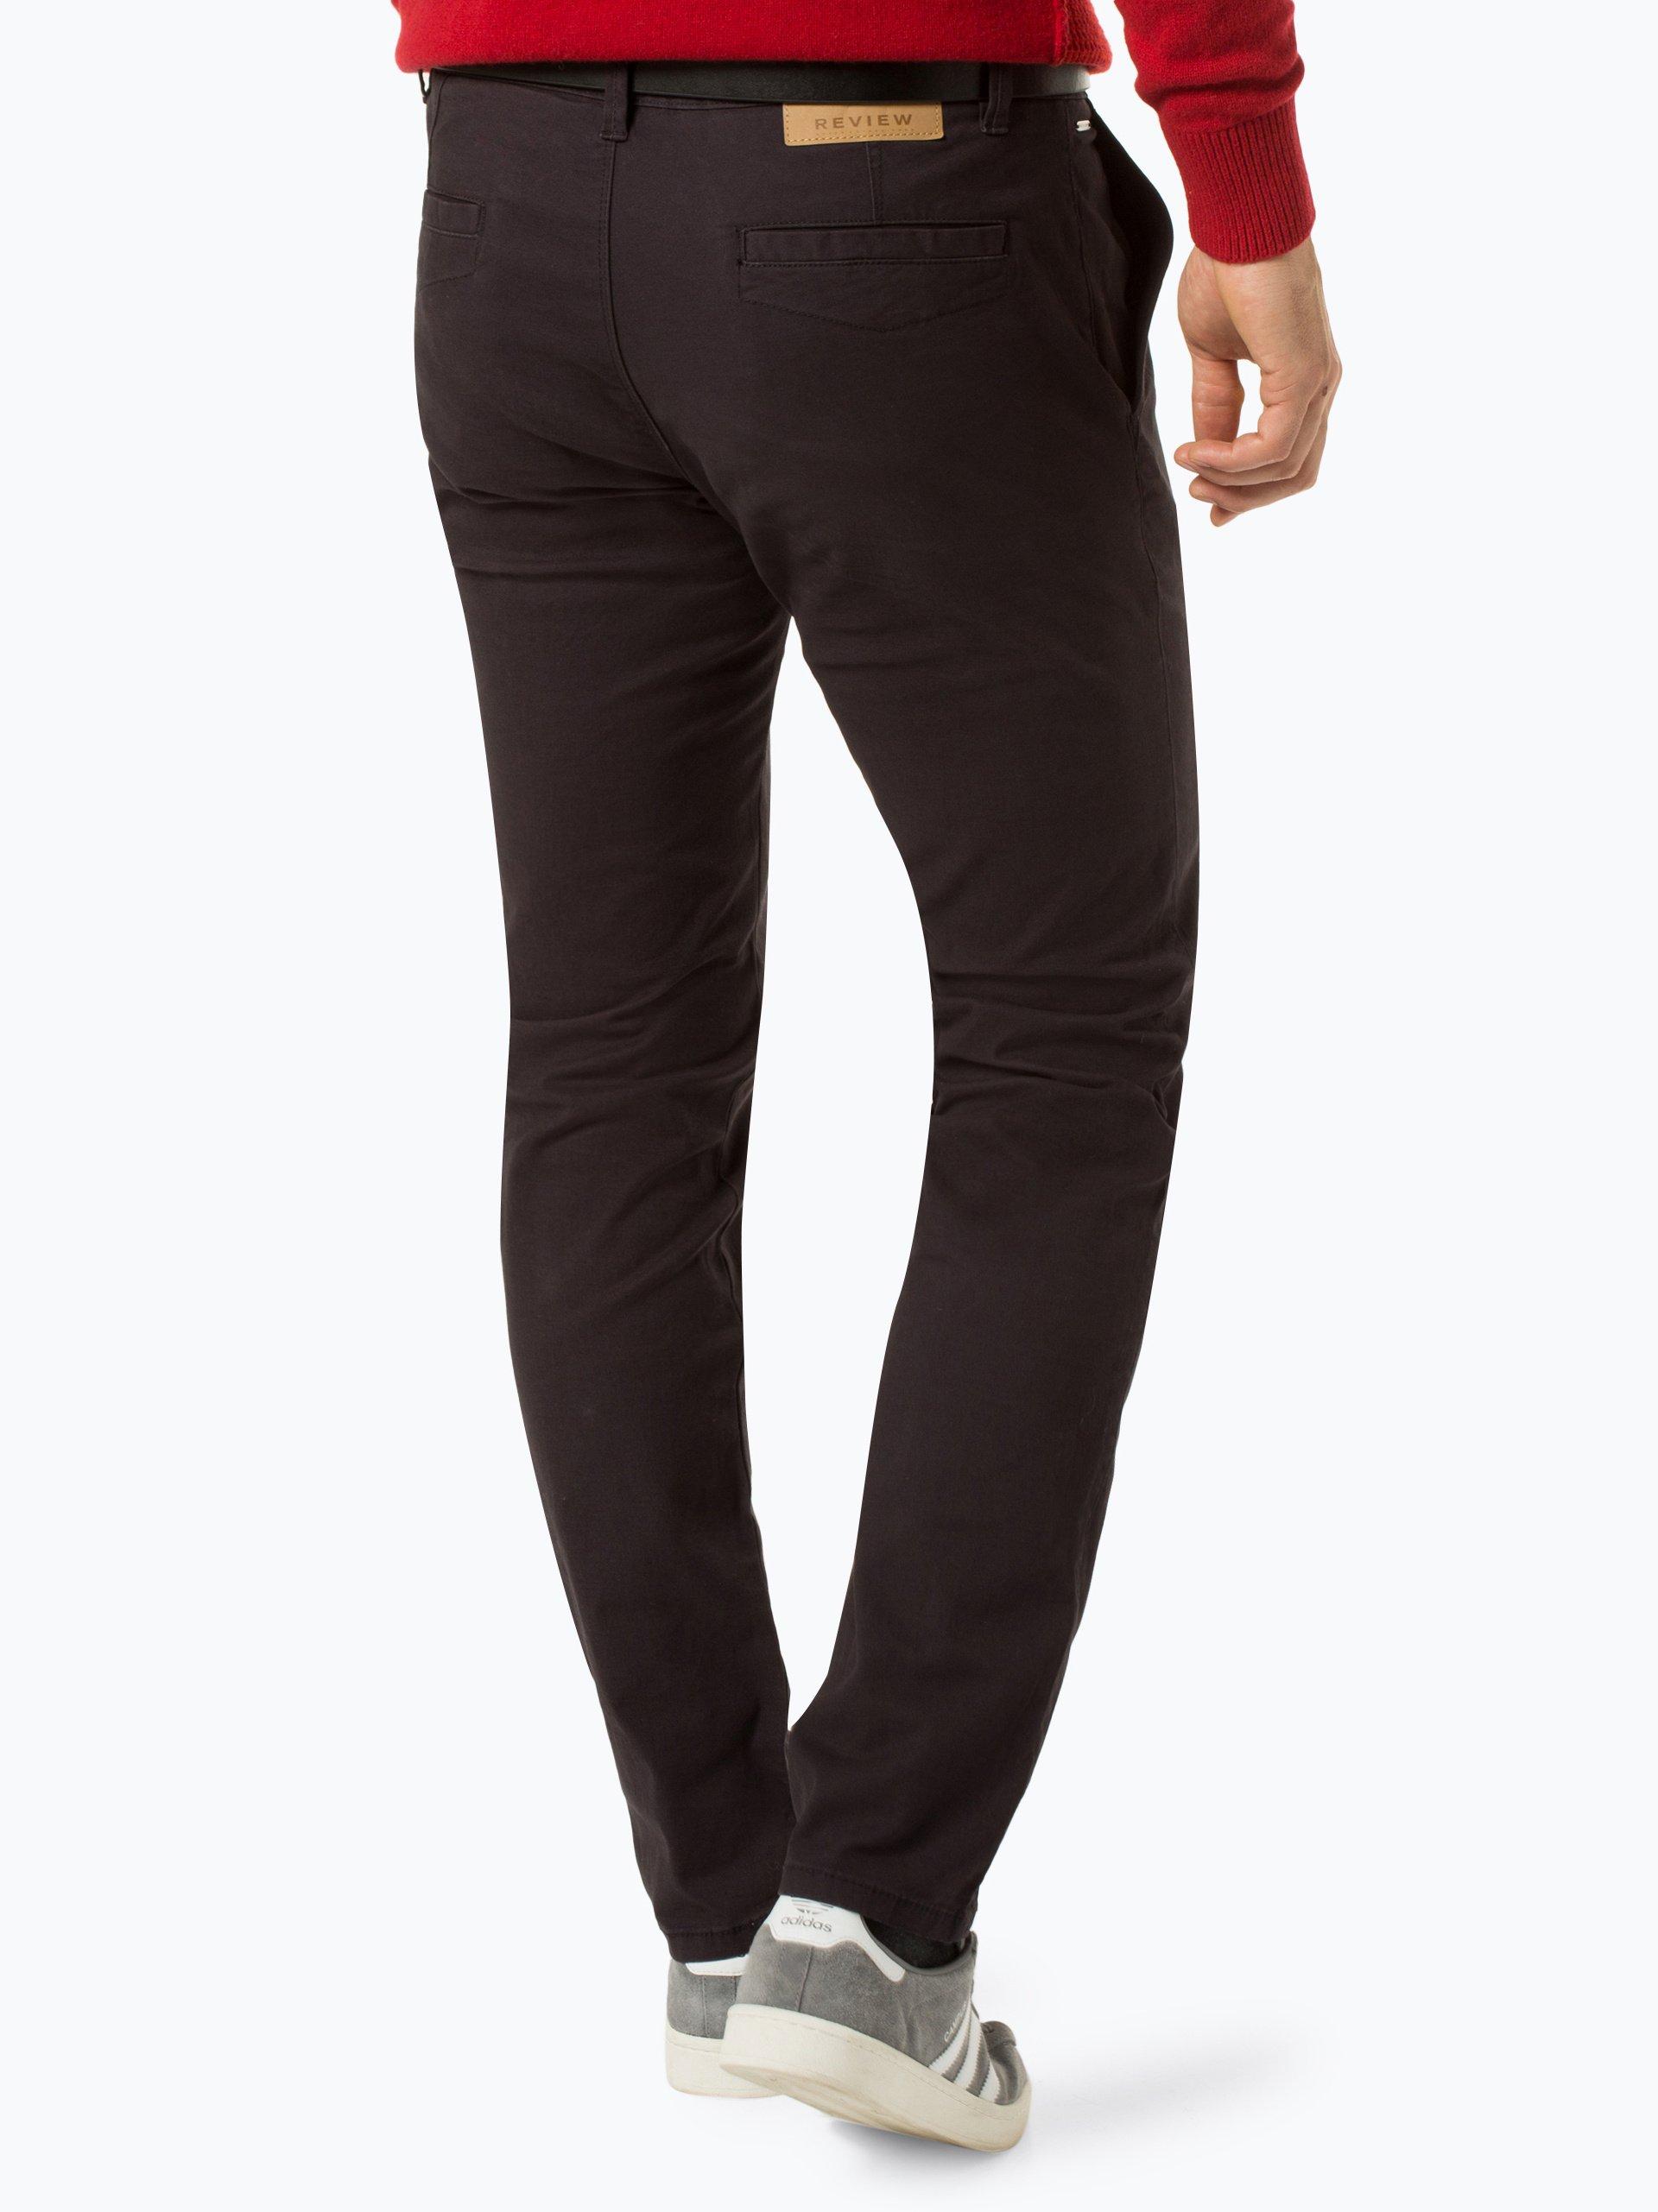 Review Spodnie męskie